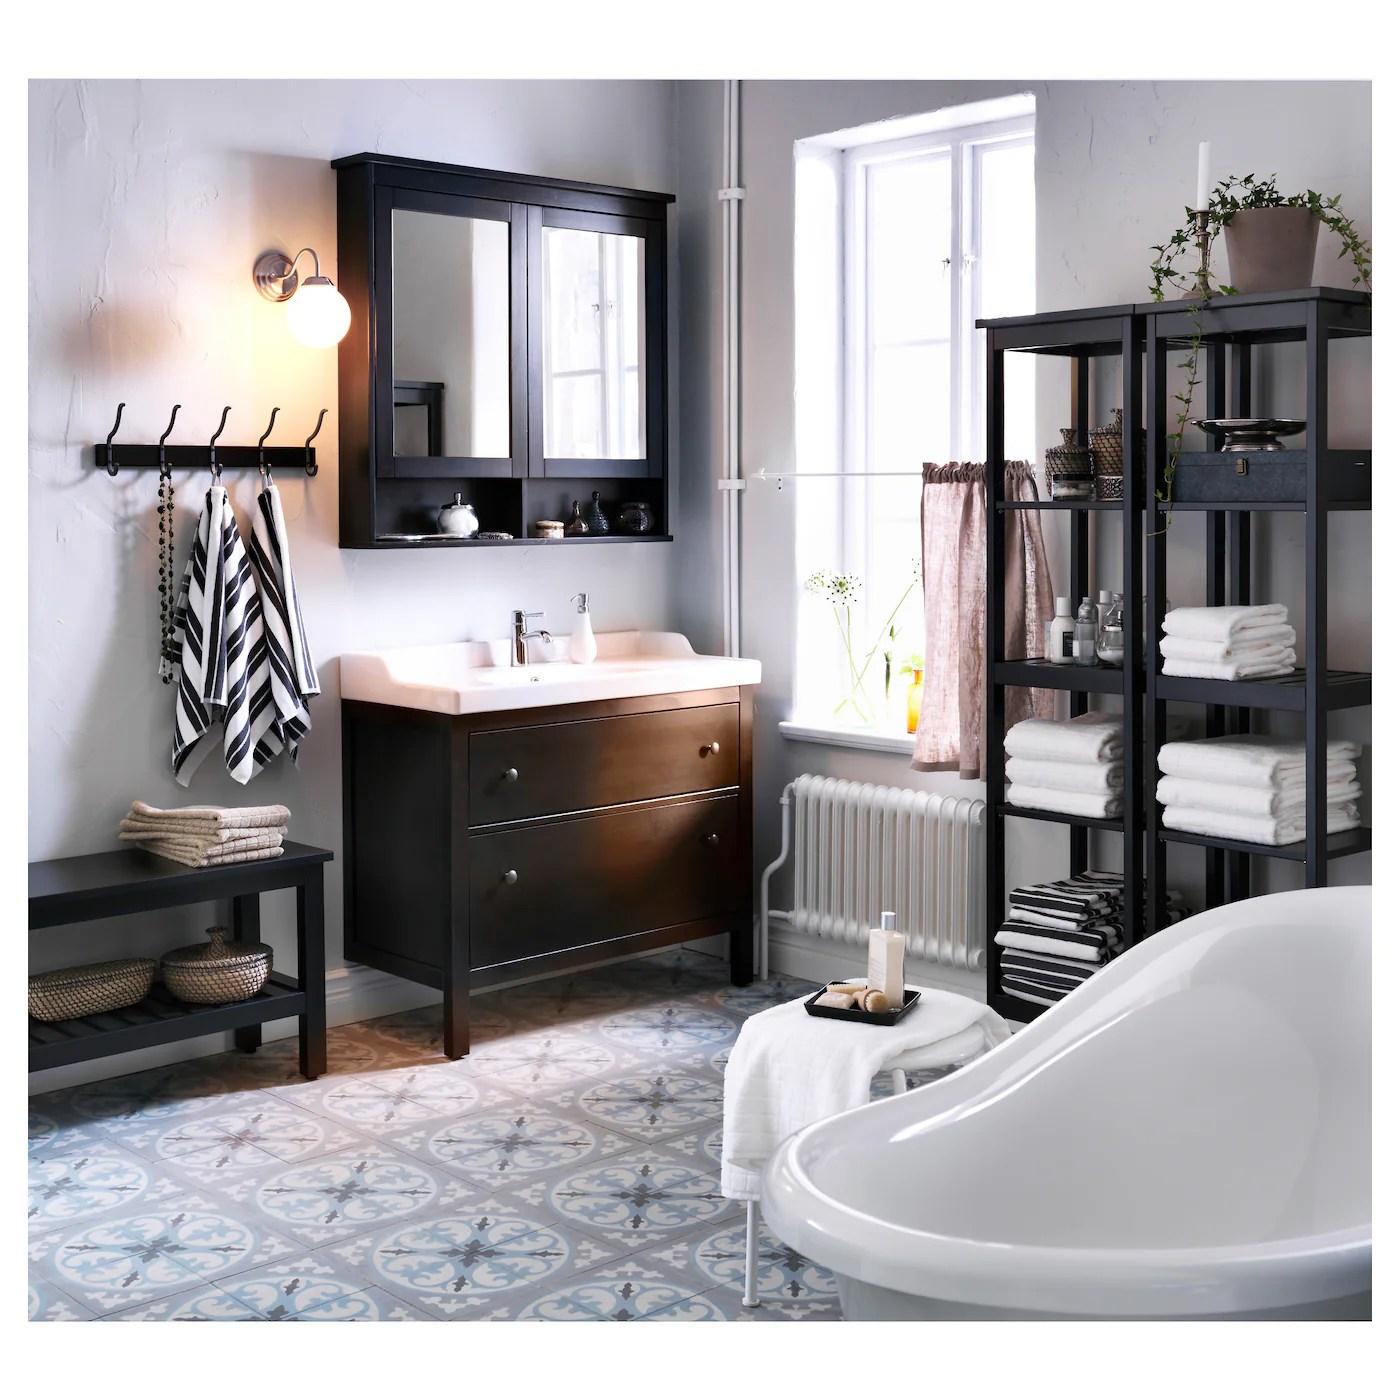 Hemnes Bathroom Vanity Black Brown Stain Official Website Ikea